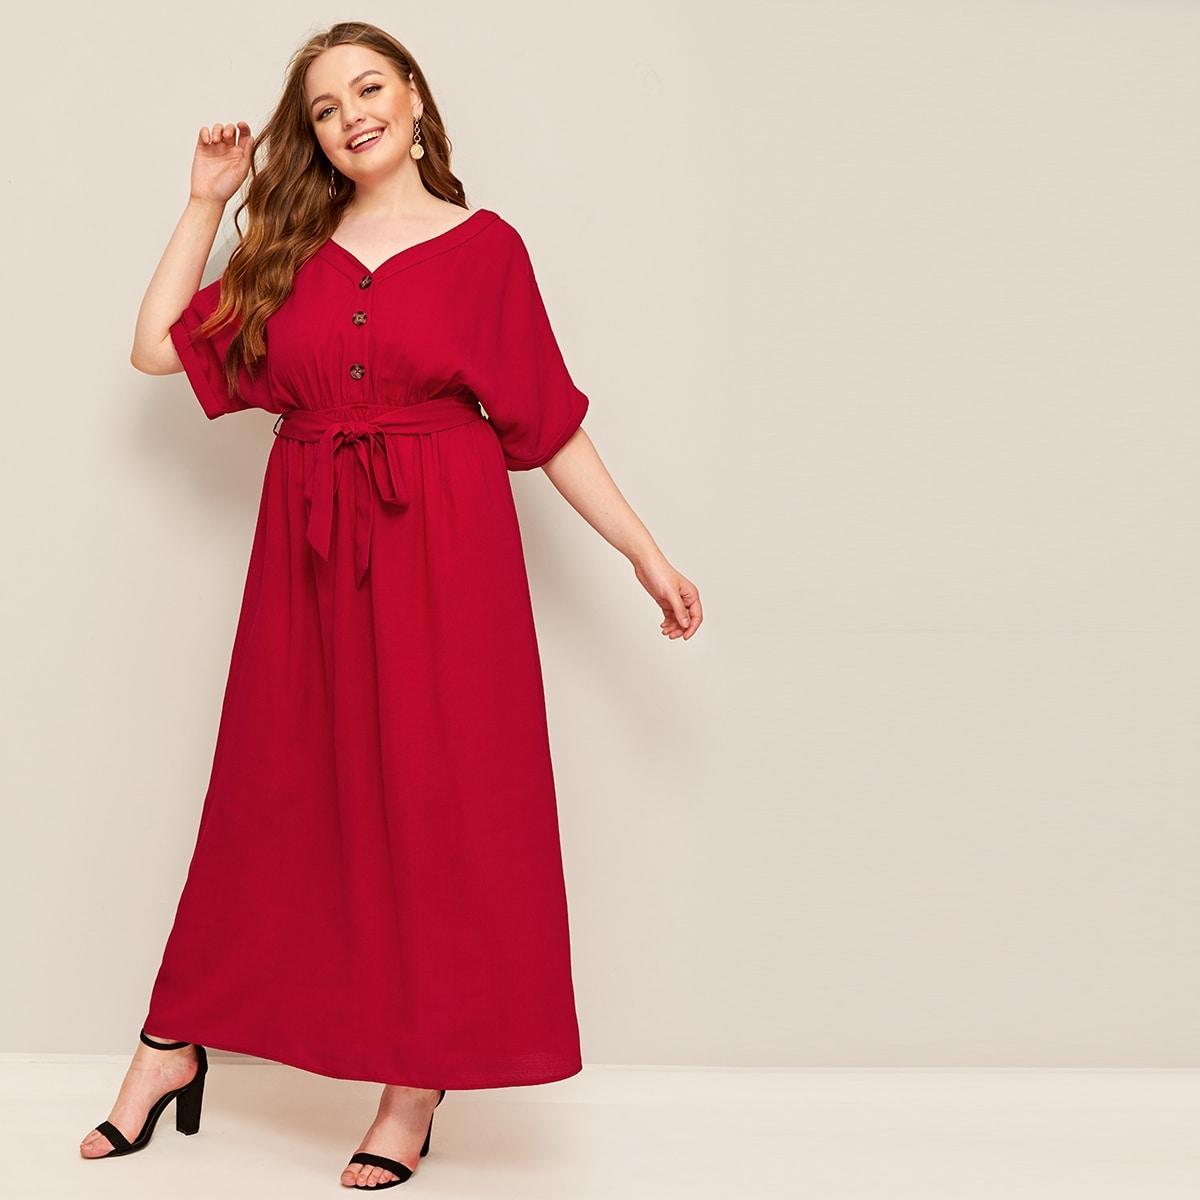 Übergroßes Kleid mit Knöpfen vorn und Selbstgürtel